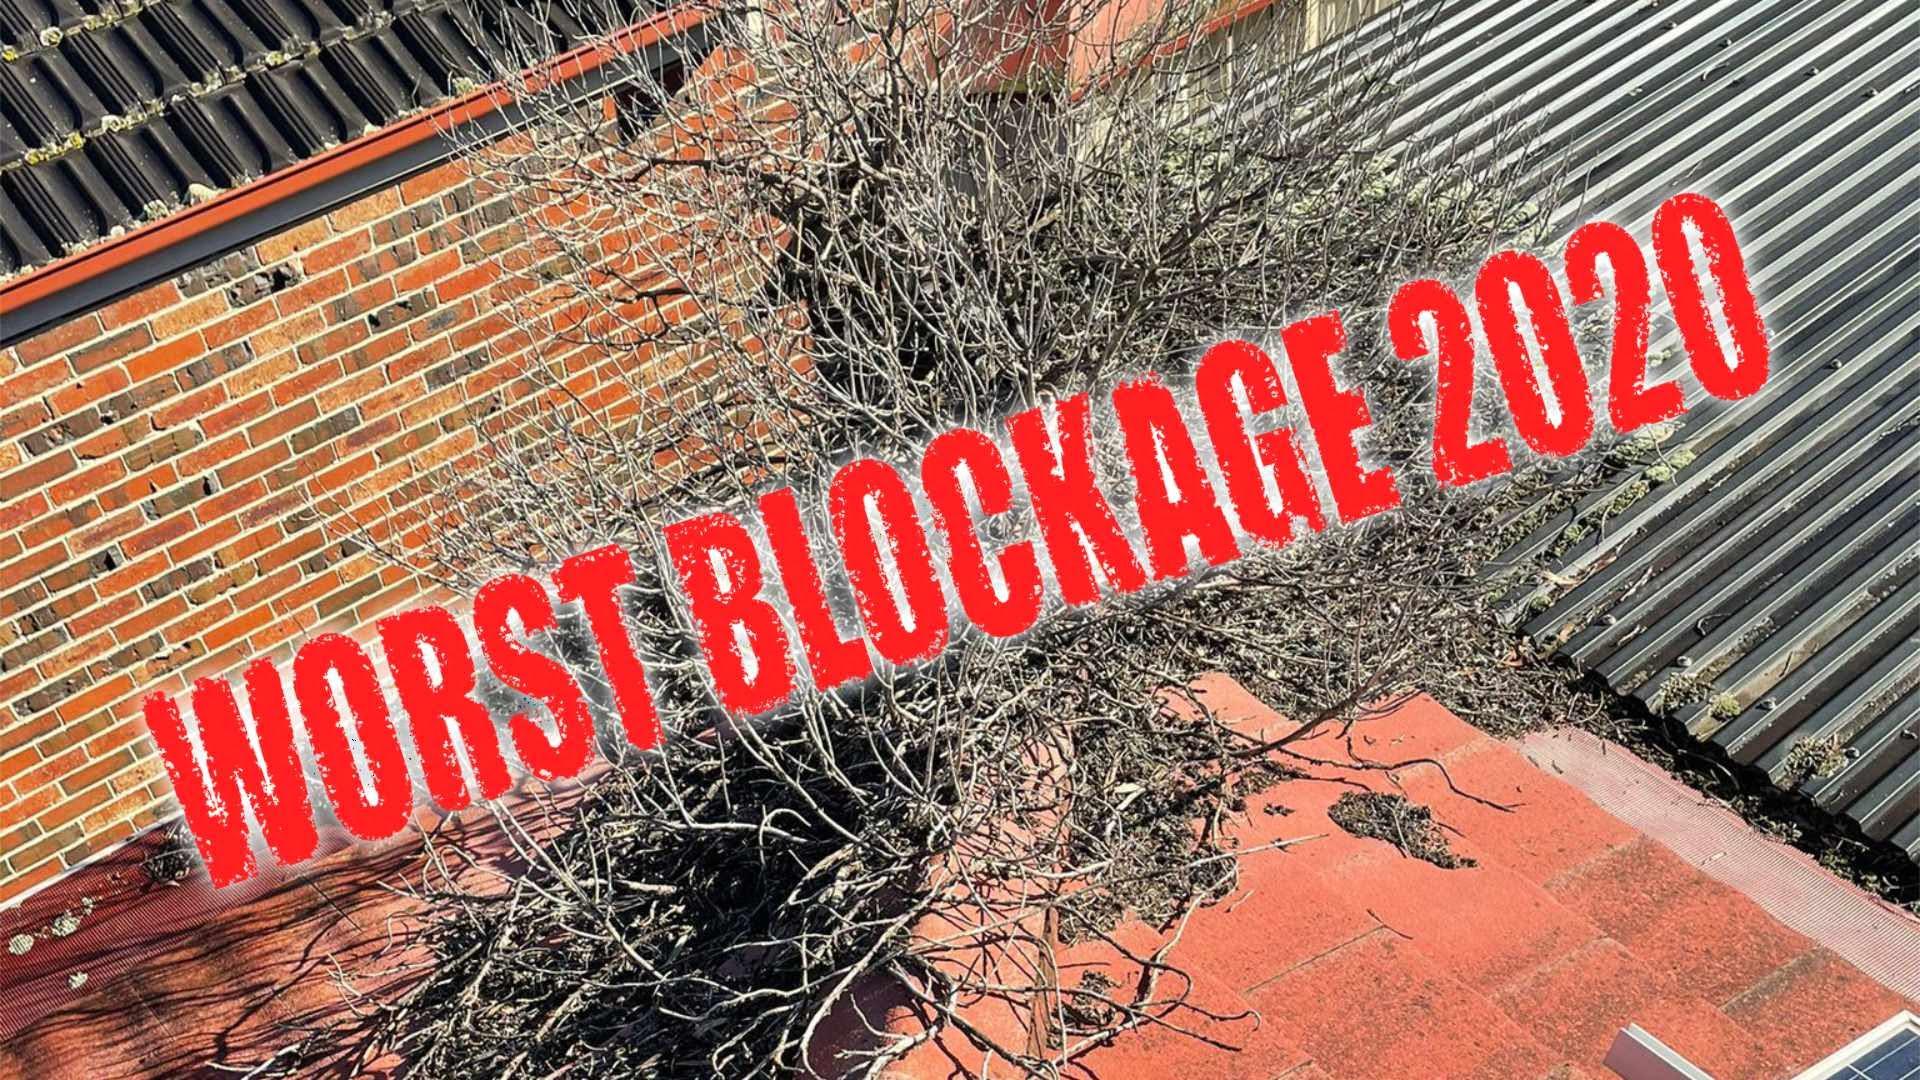 Worst Gutter Blockage of 2020